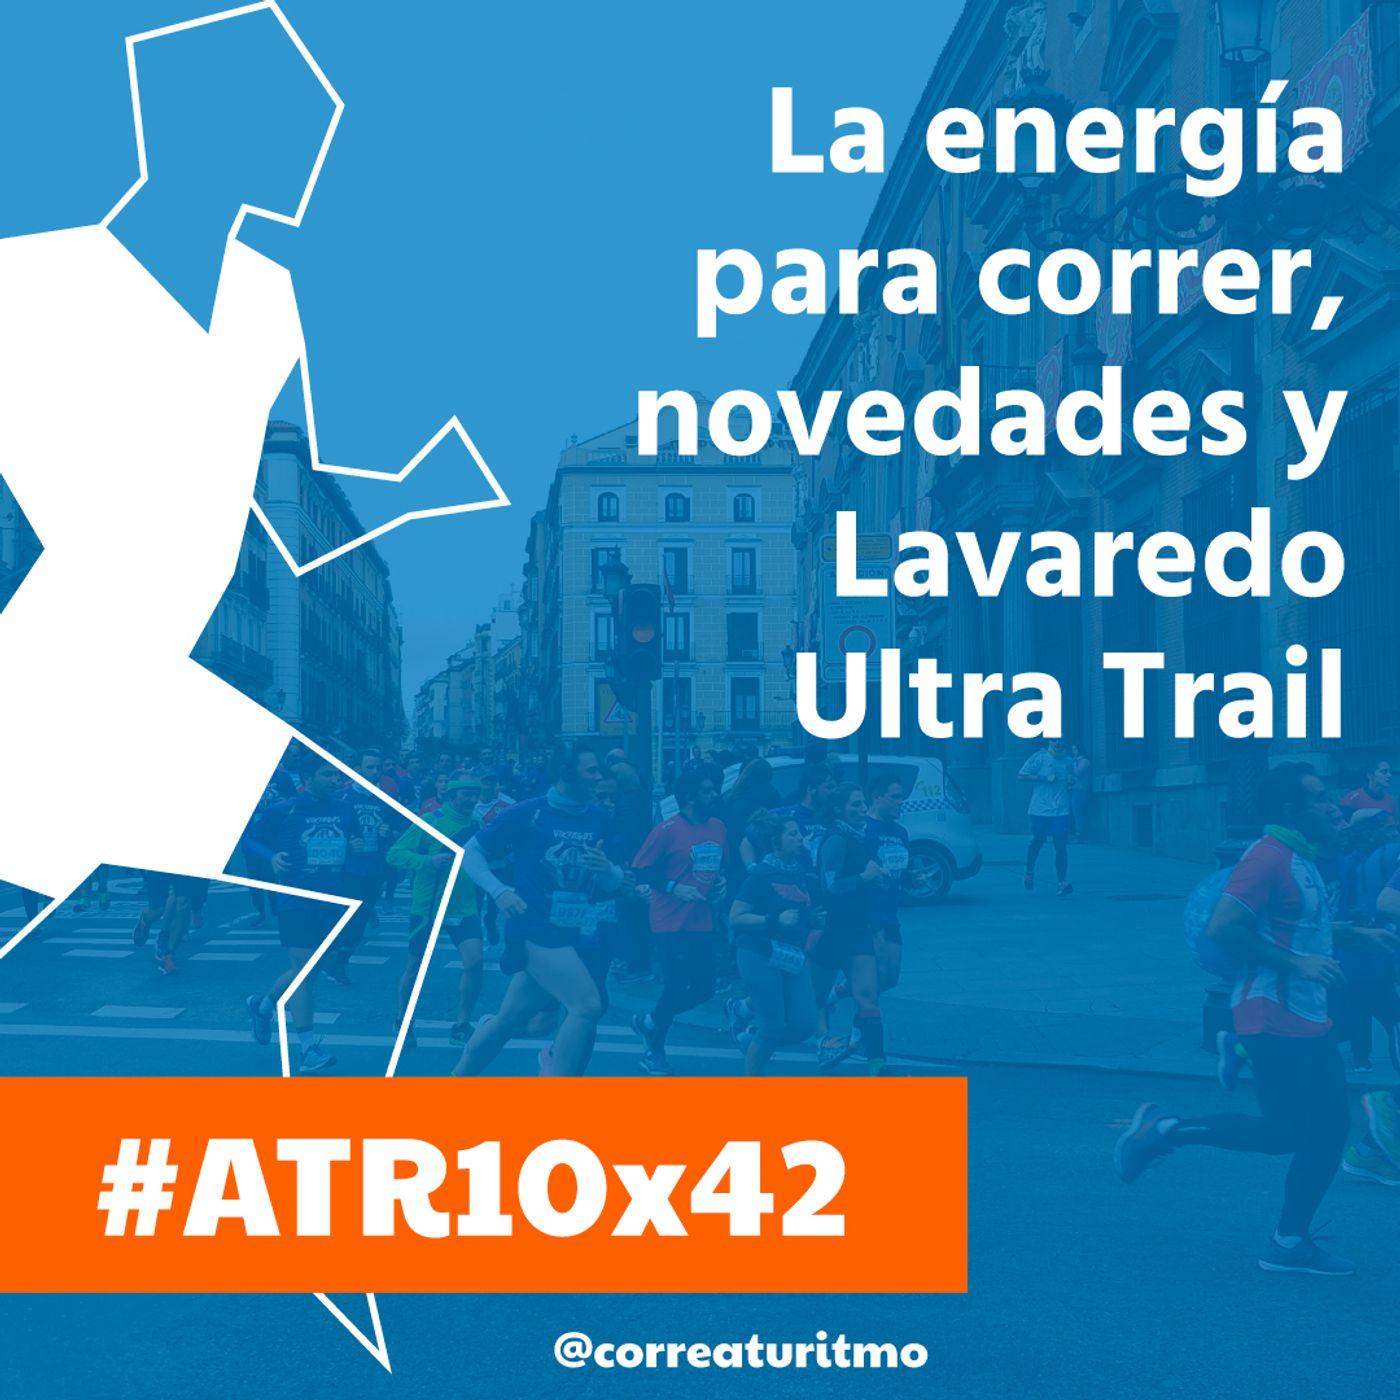 ATR 10x42 - La energía para correr, novedades y Lavaredo Ultra Trail